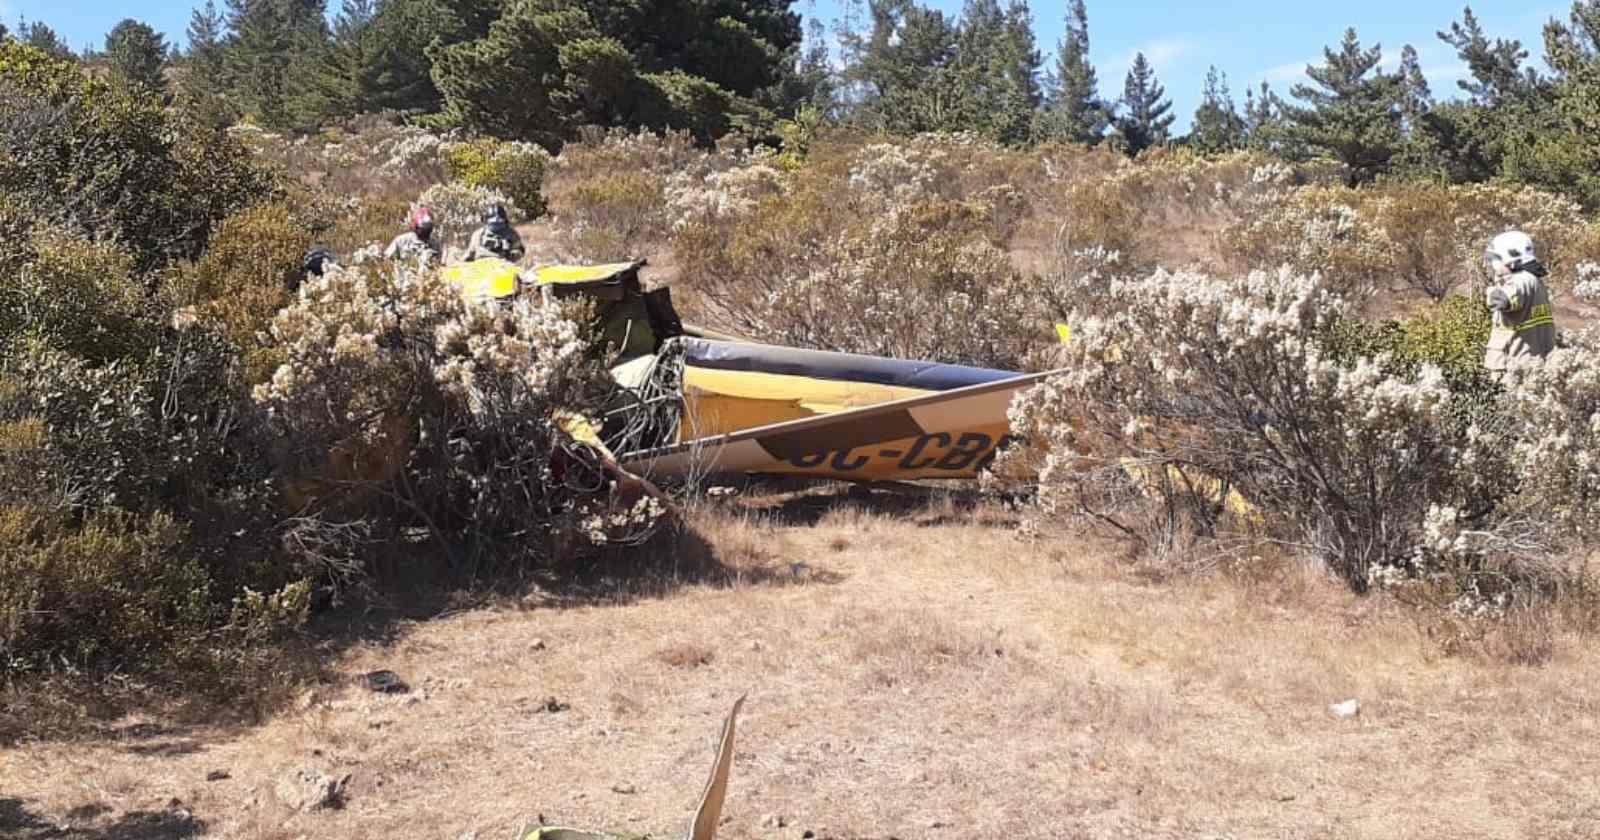 """""""Combatía incendio forestal en el Maule: un fallecido tras caída de helicóptero"""""""